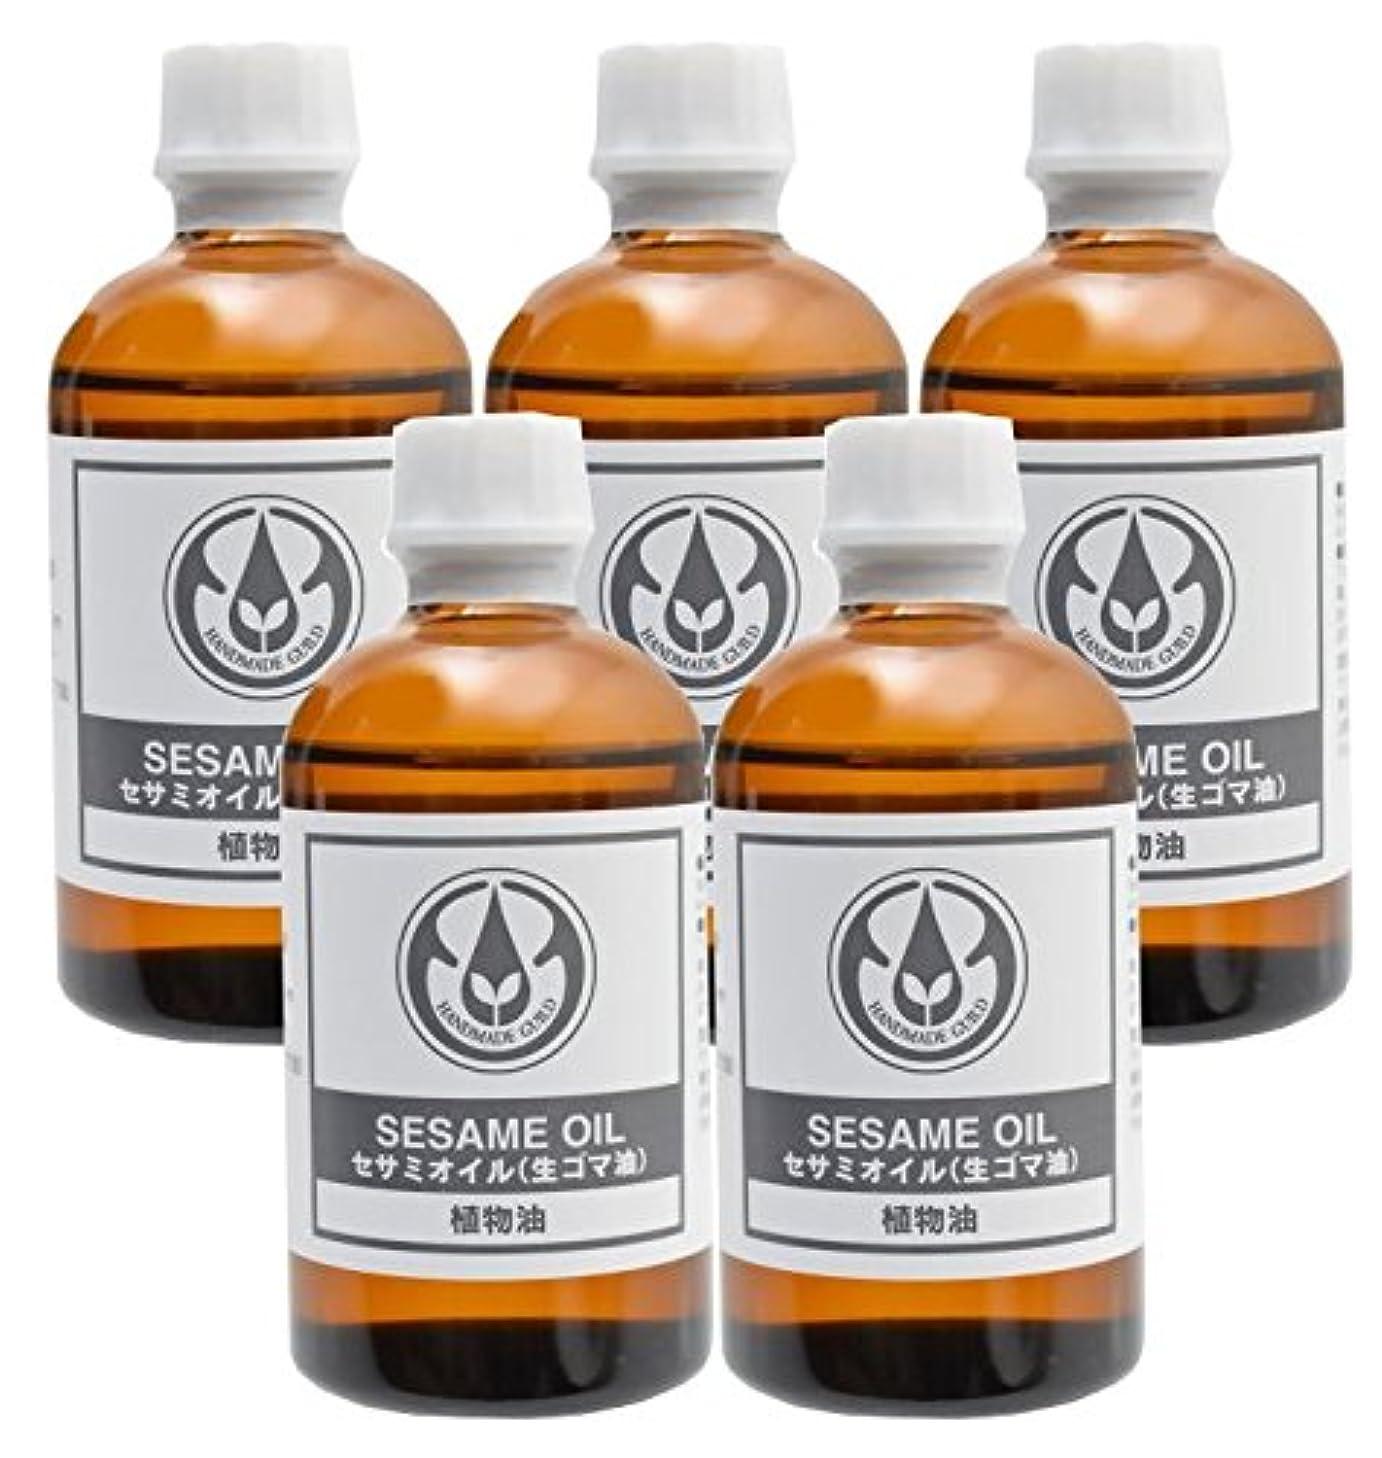 寛大さ欠伸別のセサミ油(生ゴマ油)100ml◆ (5瓶)